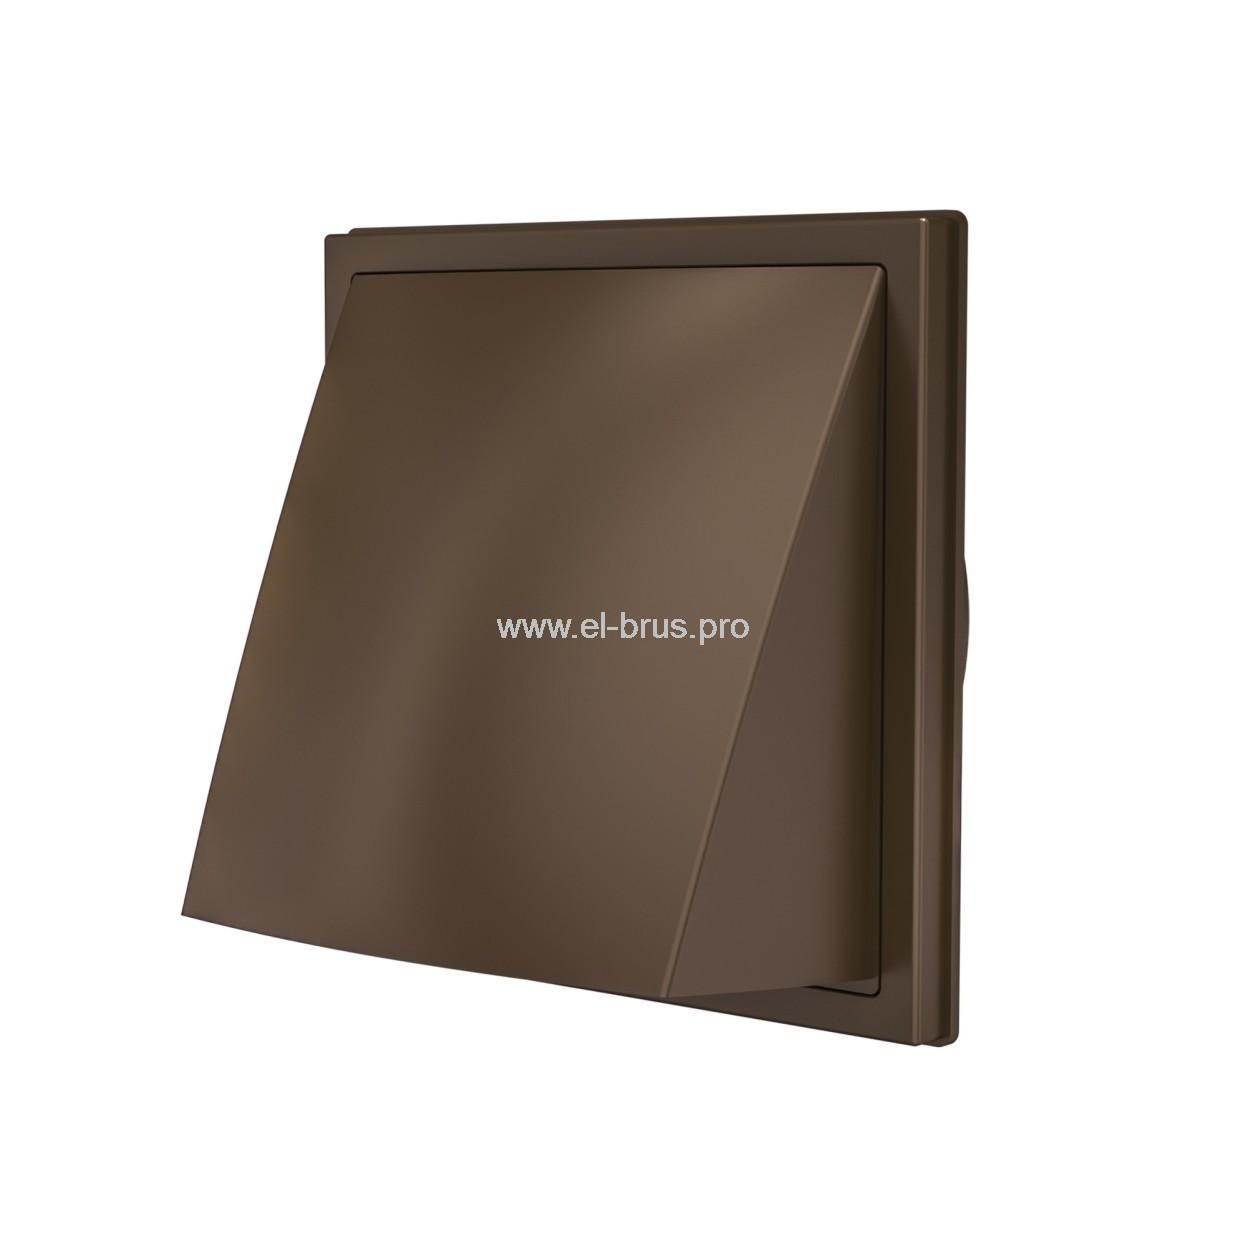 Выход стенной вытяжной с обратным клапаном 150х150мм с фланцем Ø100мм коричневый ERA